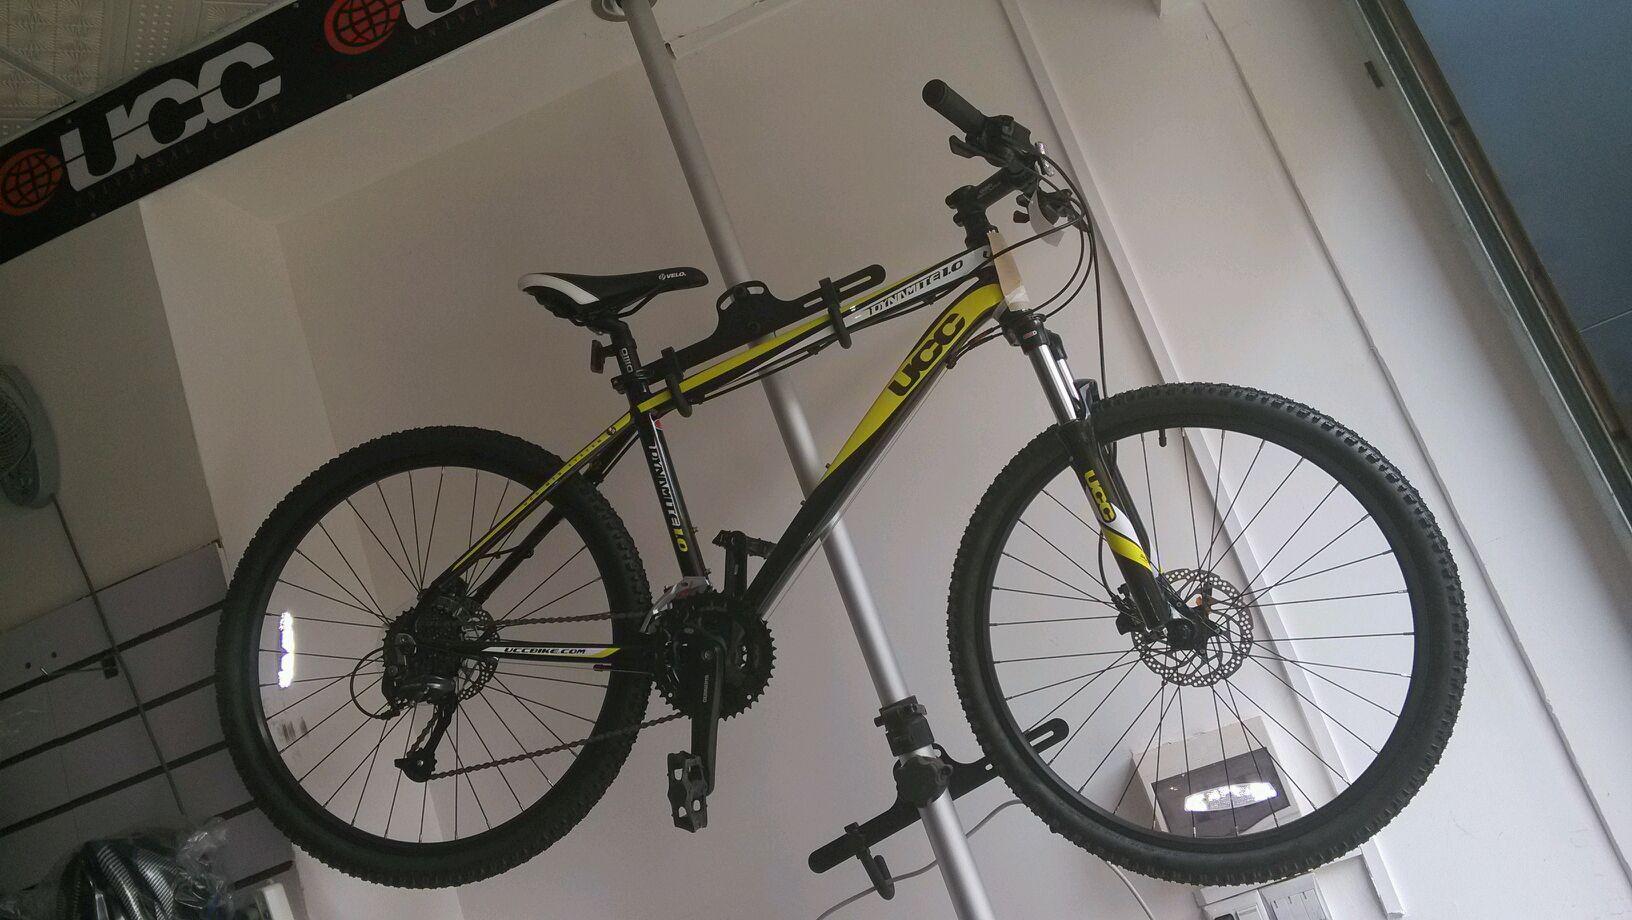 ucc自行车官网_UCC环球自行车13款德曼特1.0的图片谁有_百度知道